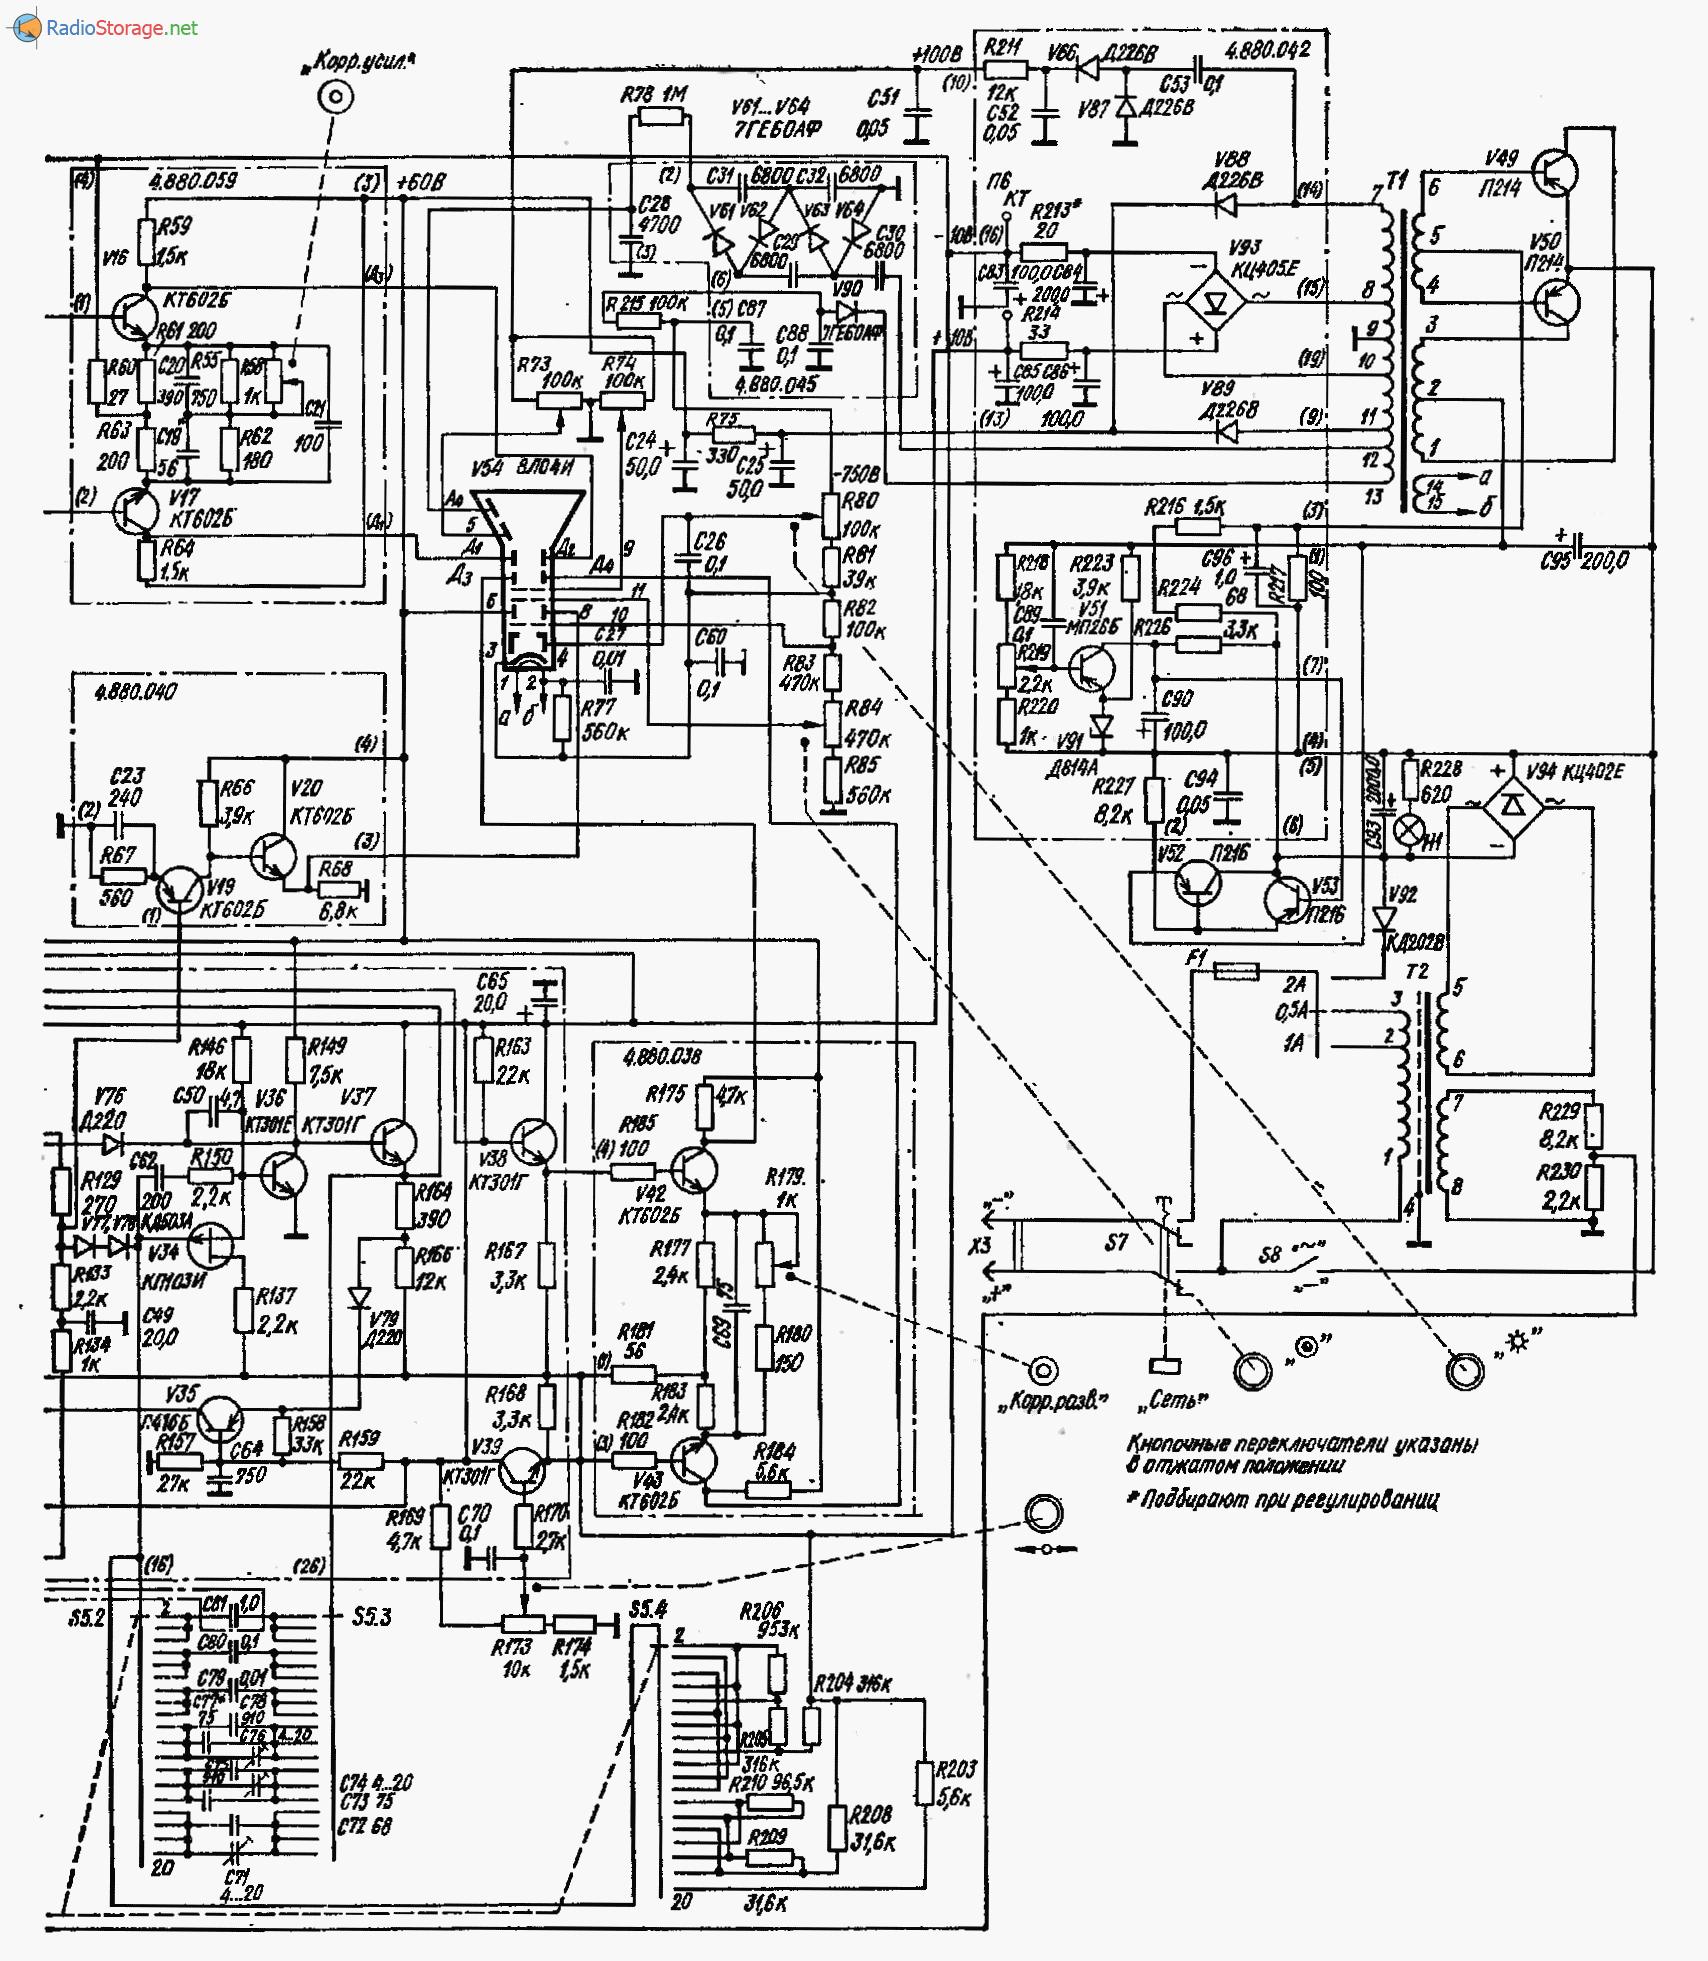 Осциллограф С1-72, схема